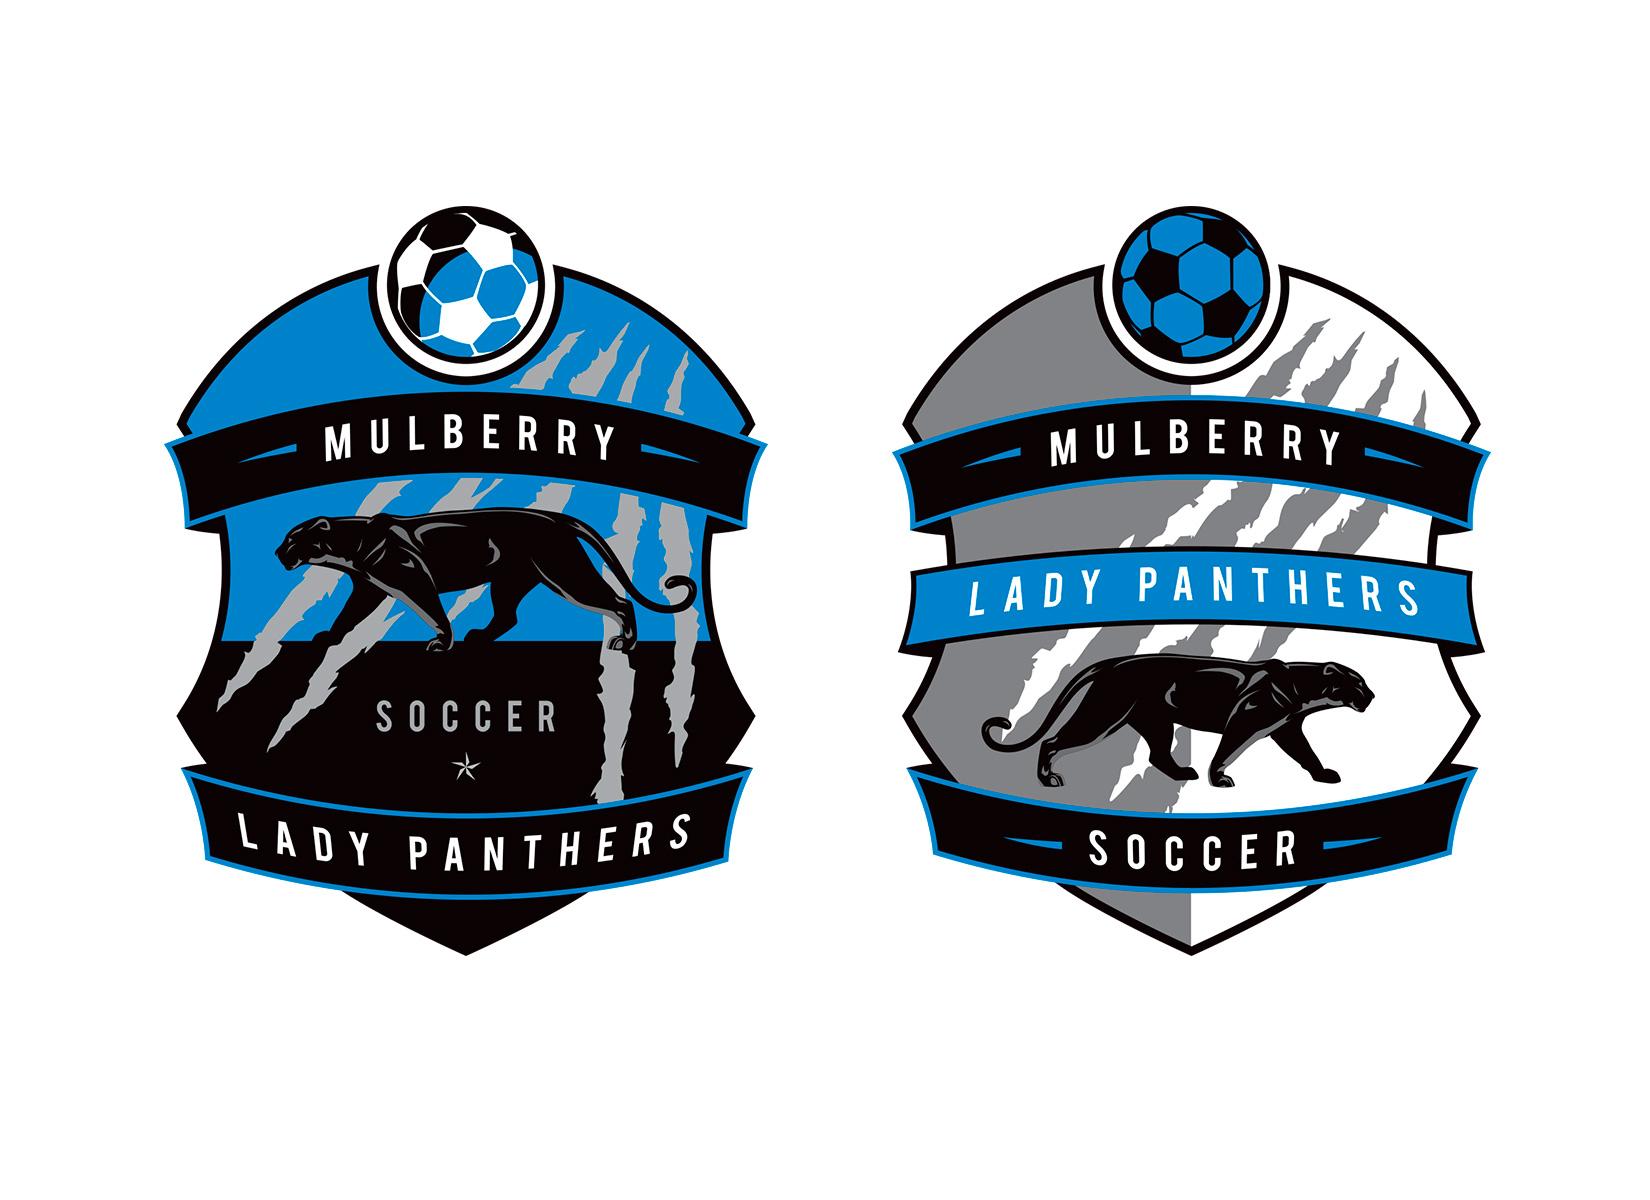 mulberry soccer logo design